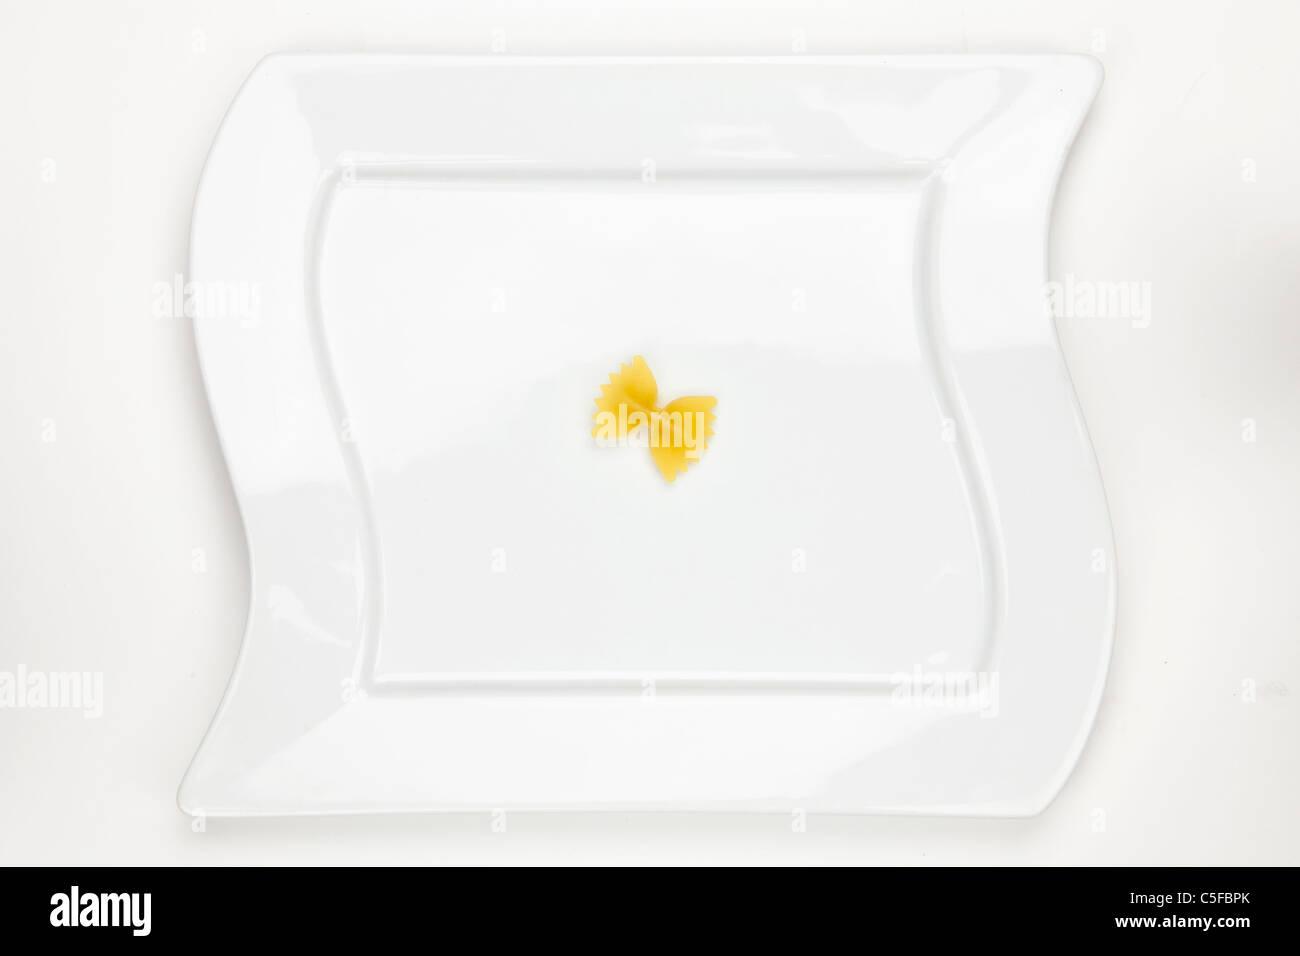 Farfalle un sur une plaque blanche Photo Stock